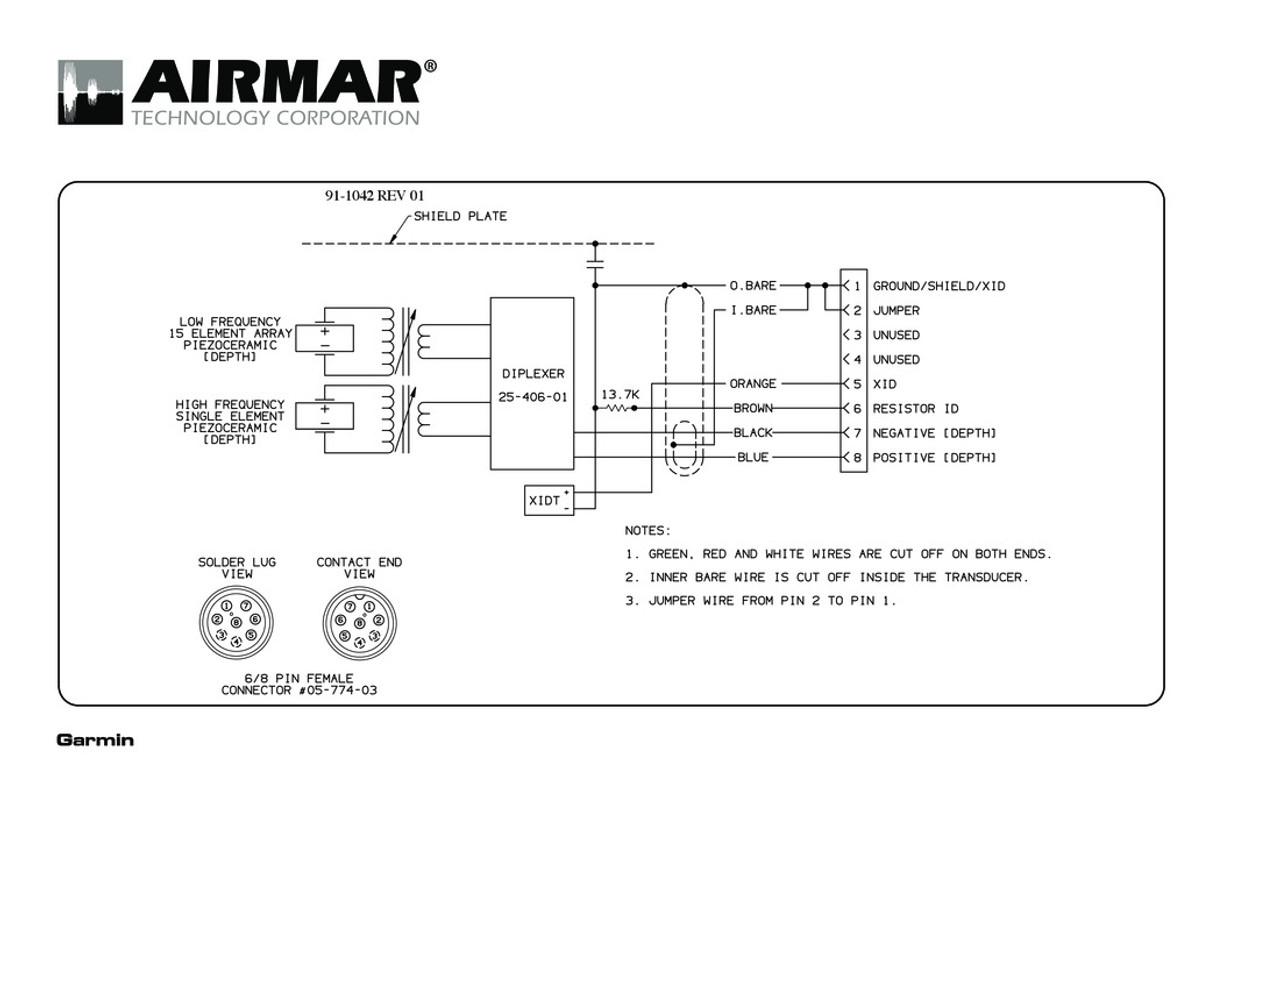 medium resolution of 441s garmin wiring diagram wiring diagram centregarmin gps 441s wiring diagram wiring libraryairmar wiring diagram garmin